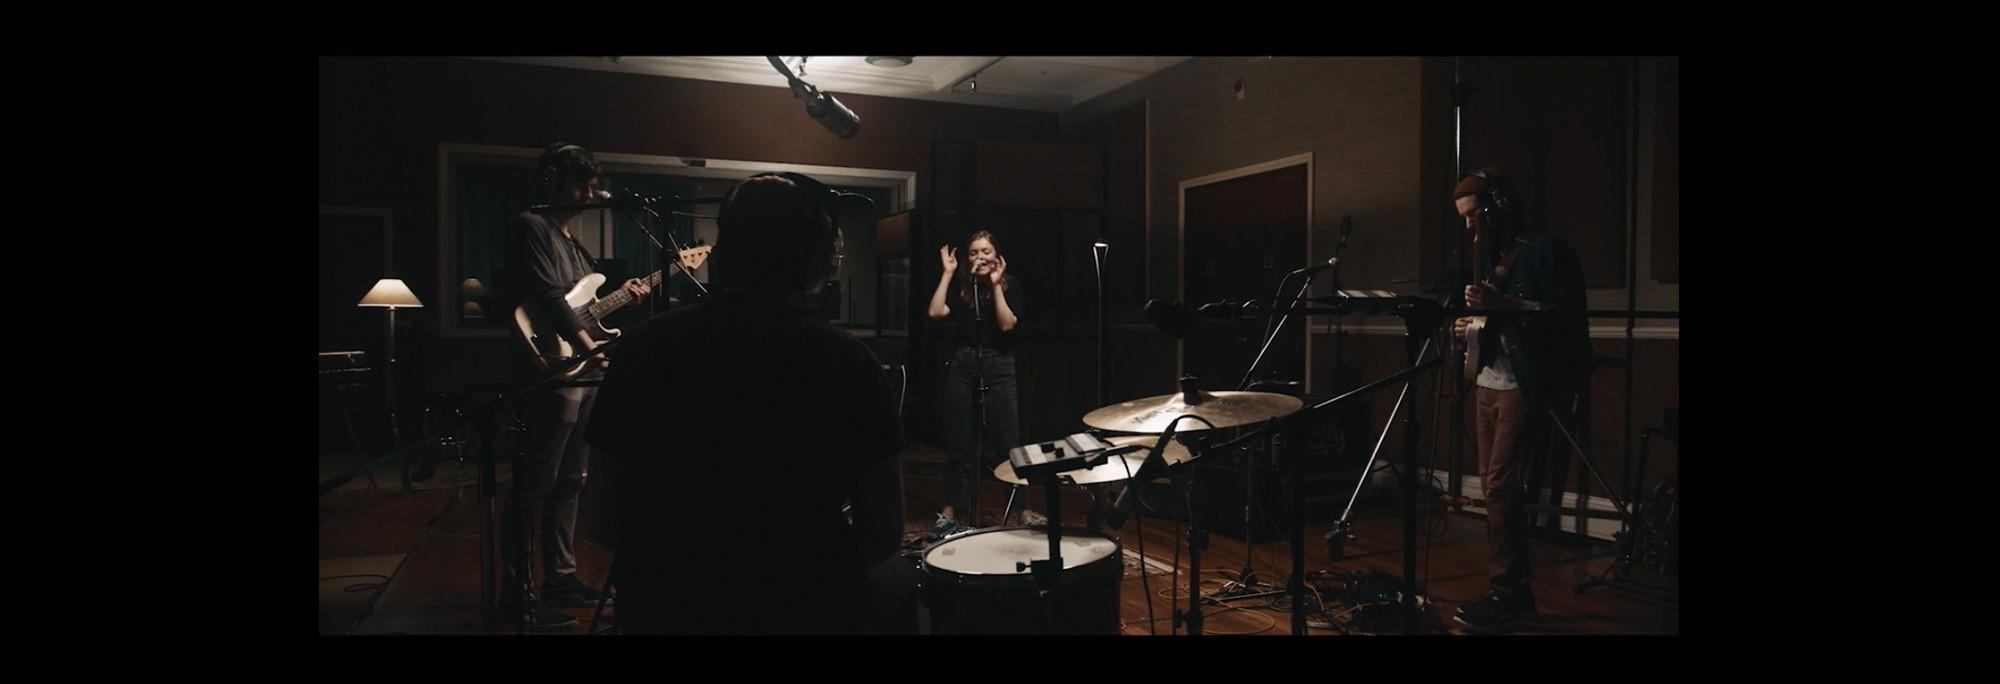 Dizzy - Pretty Thing (RAK Session)